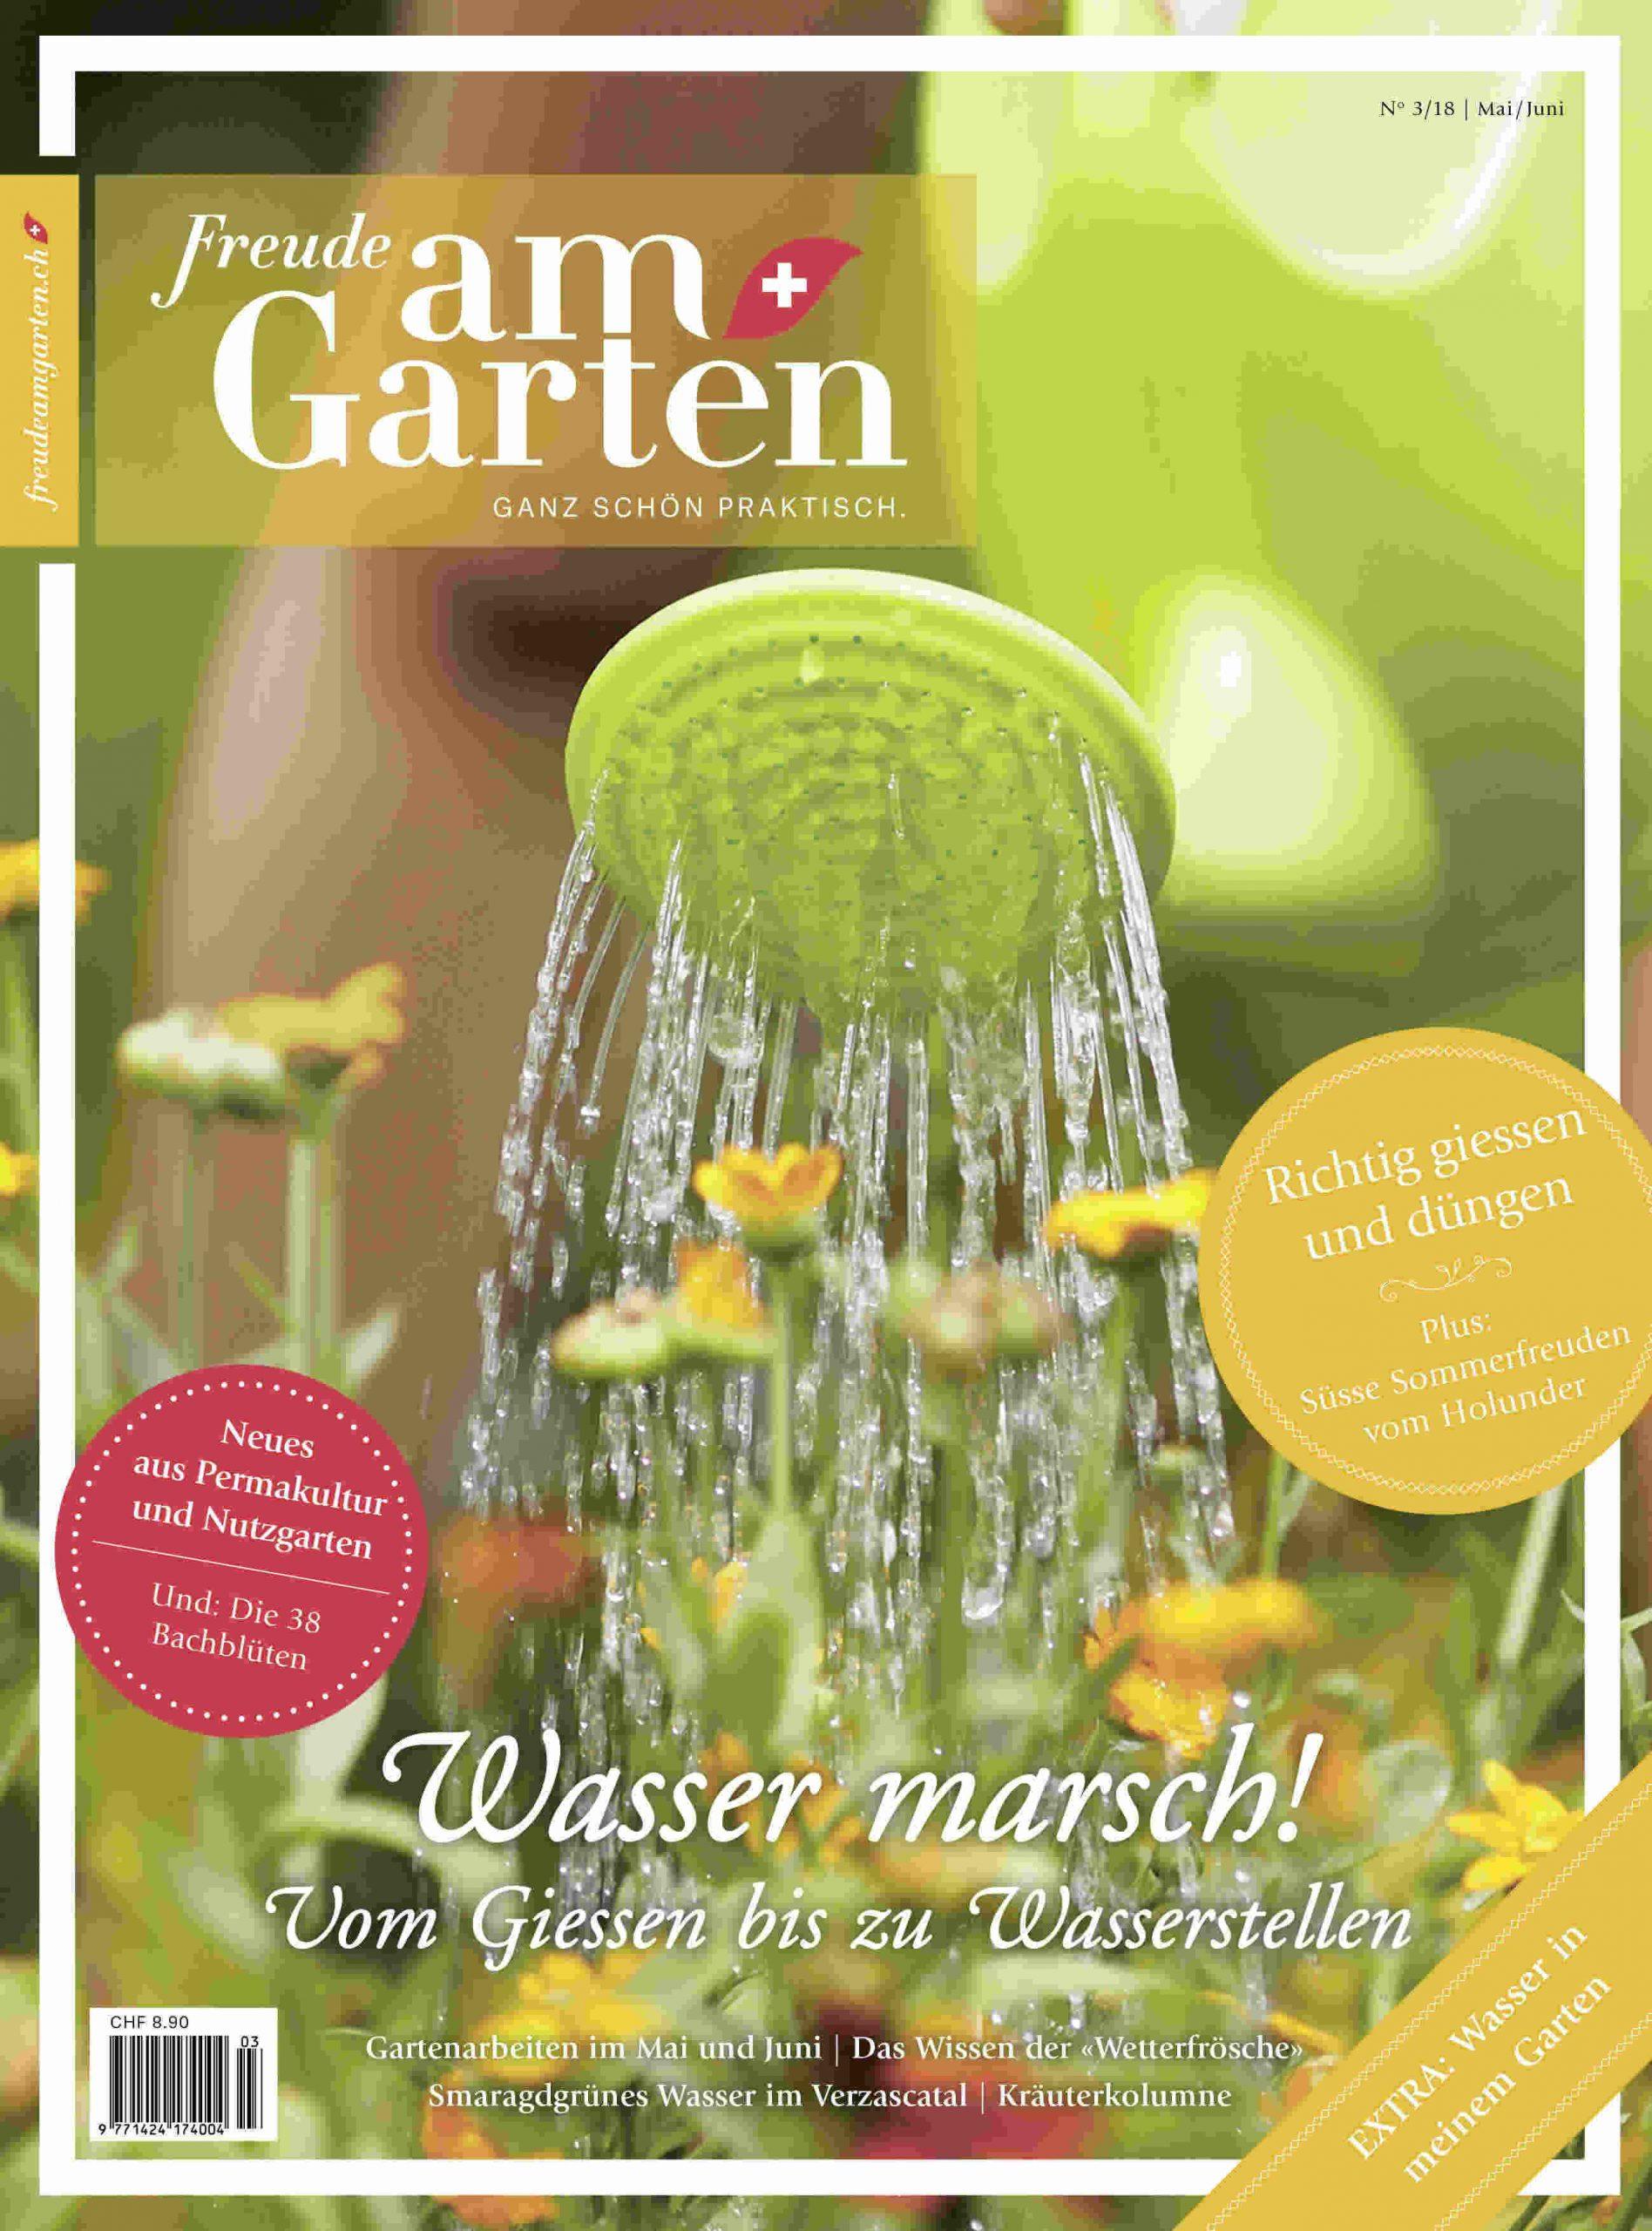 Full Size of Garten Zeitschrift Zeitschriften Haus Und Abosch Spielgerät Sauna Sonnenschutz Landschaftsbau Berlin Eckbank Lounge Möbel Servierwagen Schaukelstuhl Garten Garten Zeitschrift